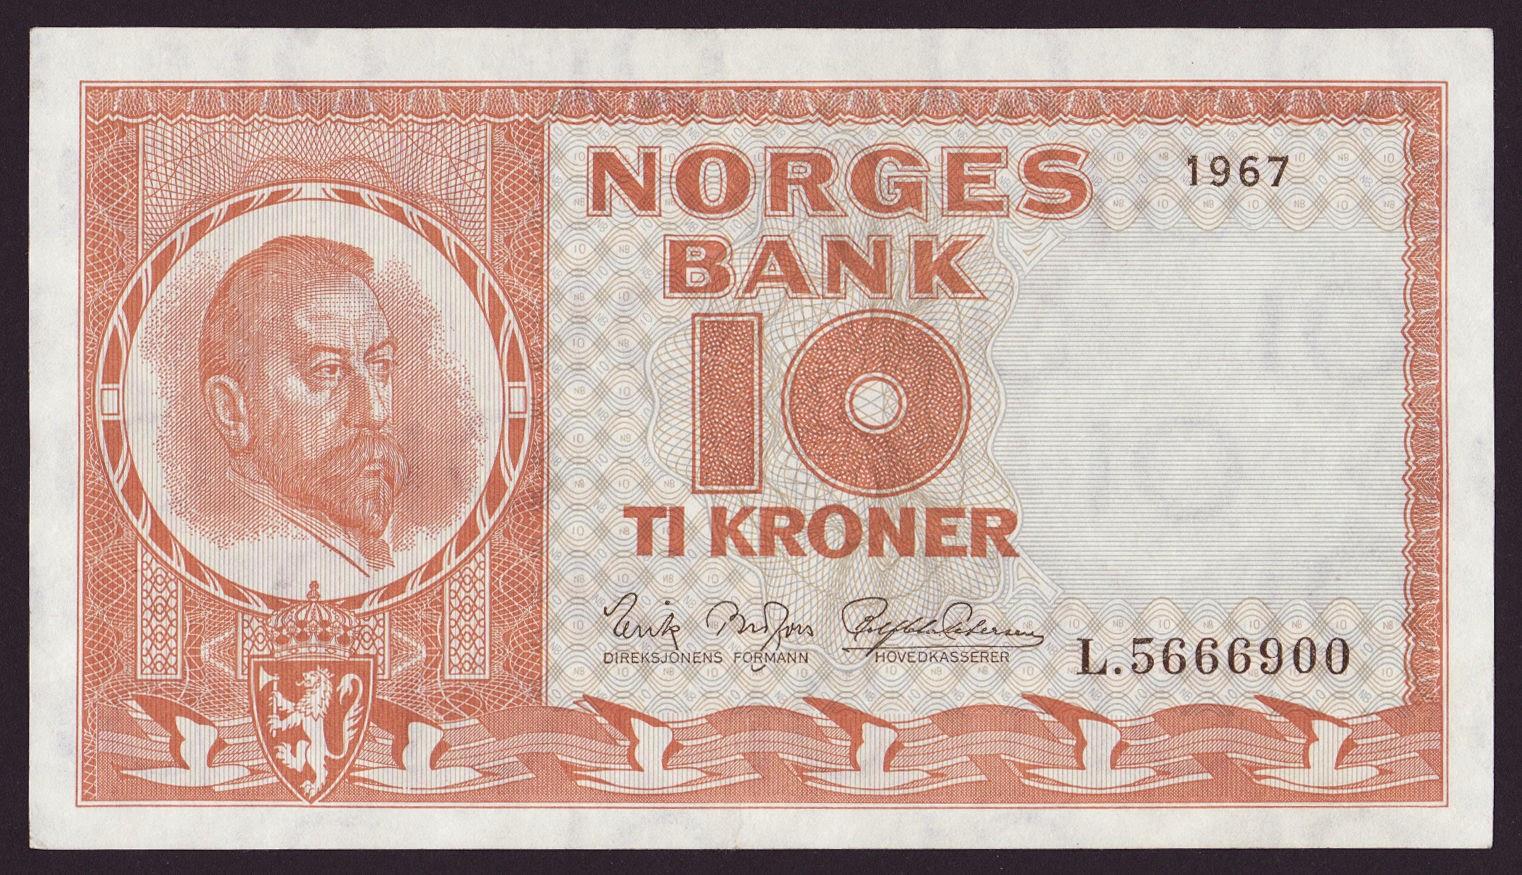 Norway Banknotes 10 Kroner banknote